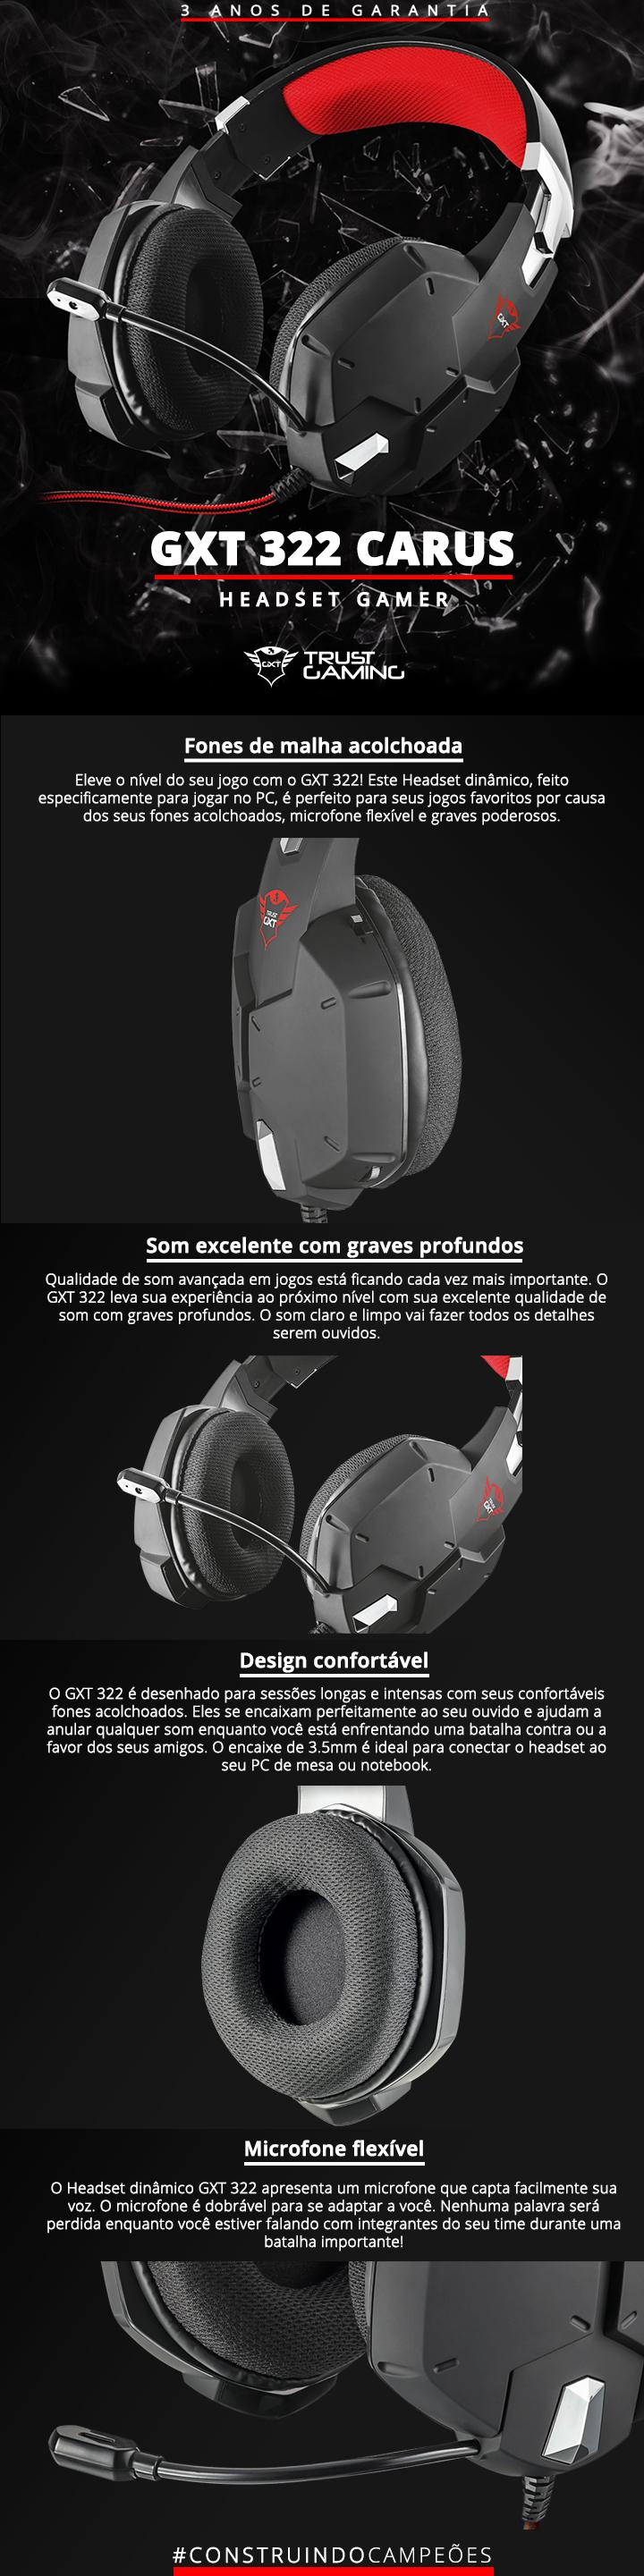 Headset-Gamer-para-fortnite-pro